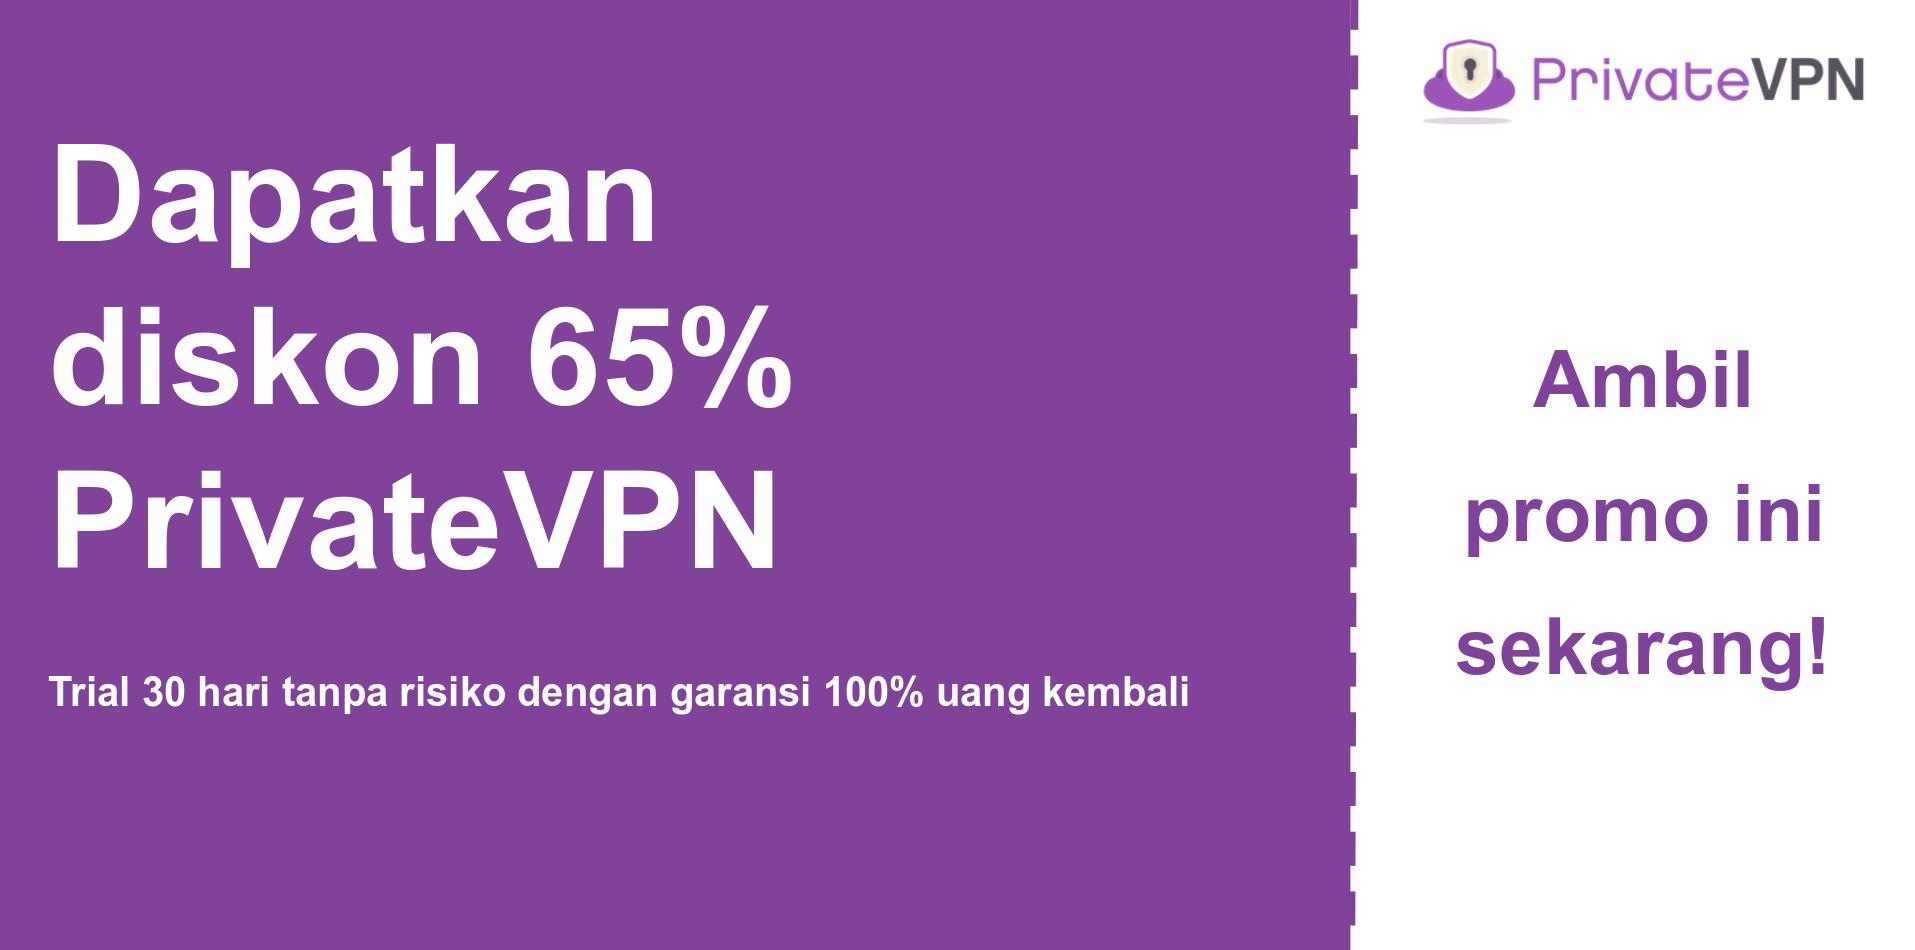 grafik banner kupon utama PrivateVPN yang menunjukkan diskon 65%